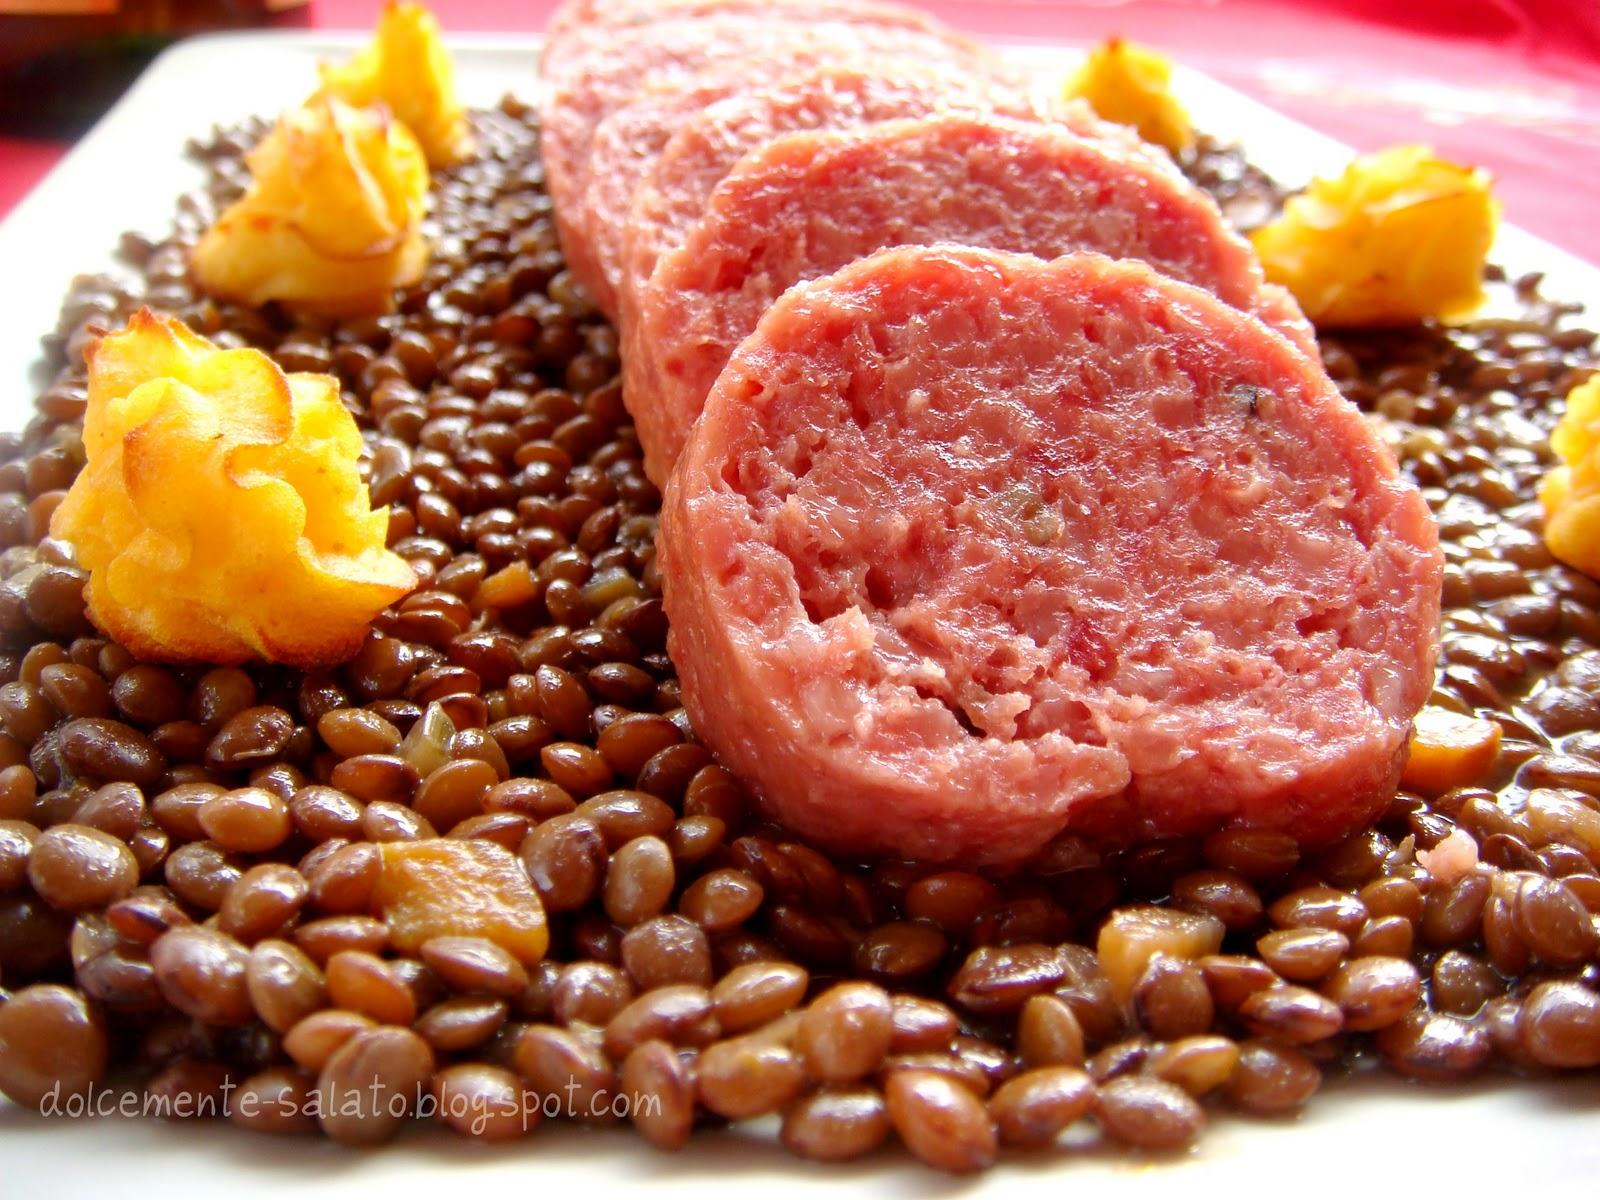 Dolcemente salato zampone lenticchie patate duchessa e for Www presotto it